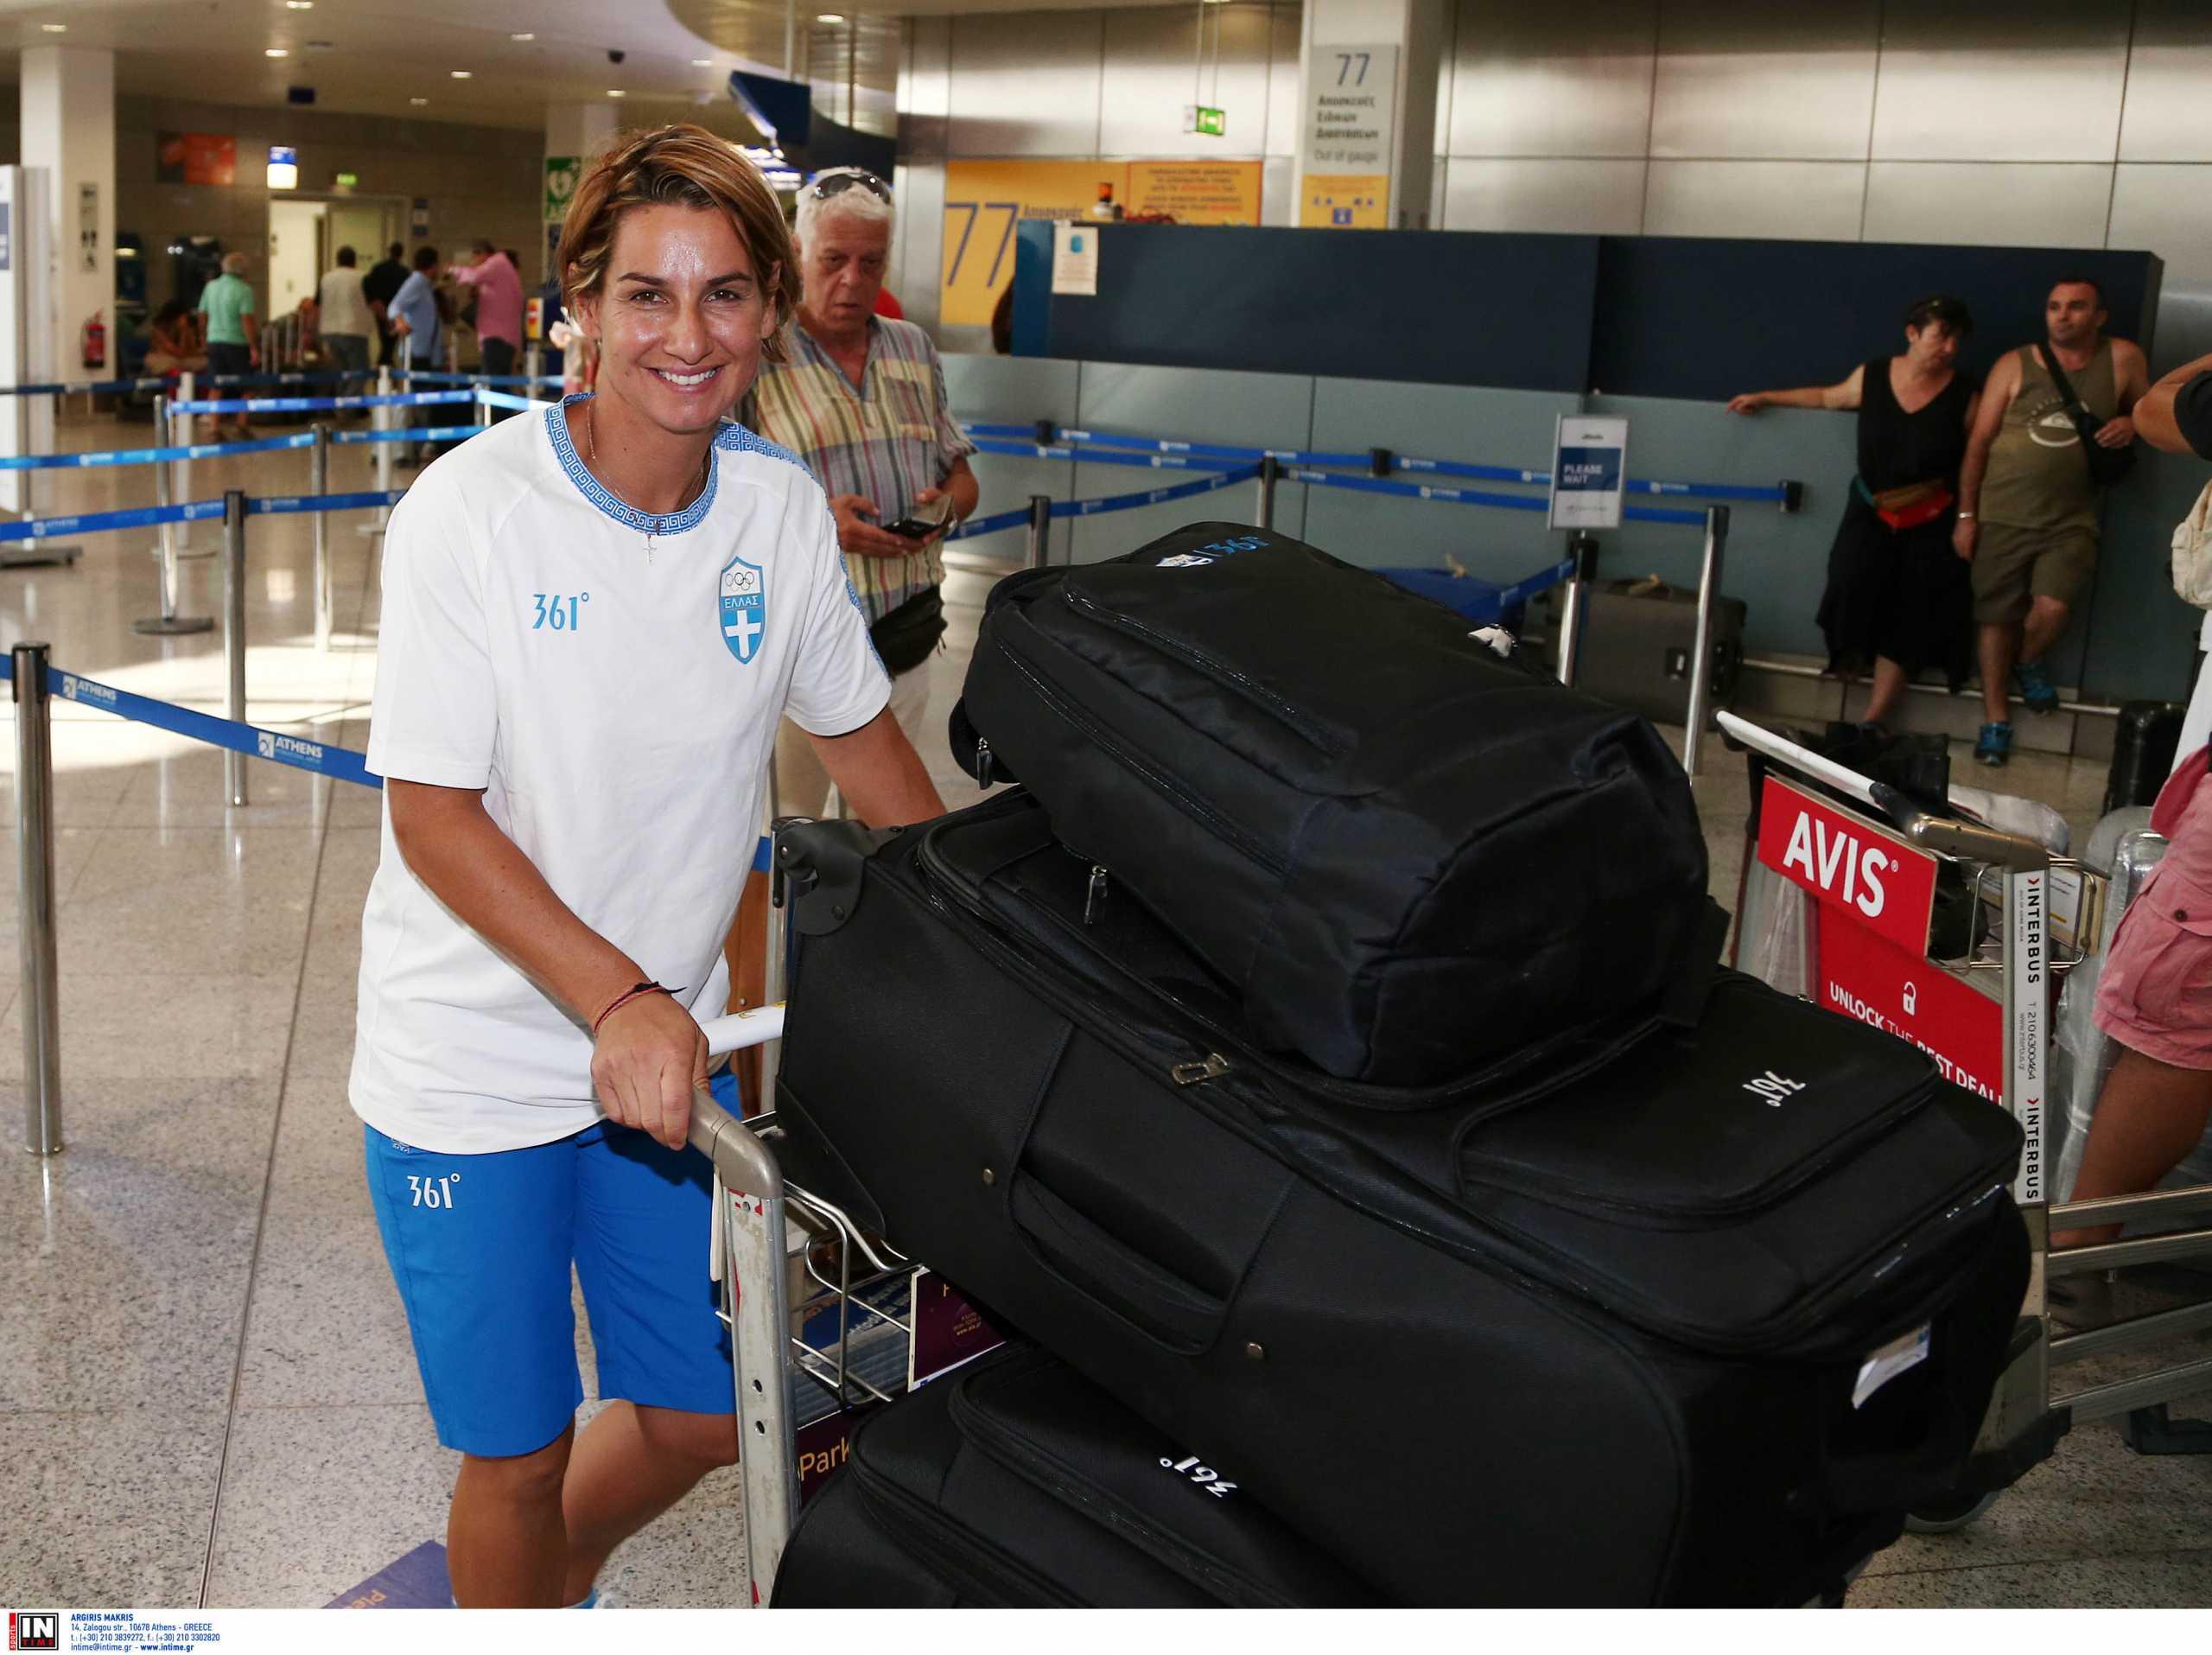 Σοφία Μπεκατώρου: Σοκάρει η περιγραφή της Χρυσής Ολυμπιονίκη – Έτσι τη βίασε παράγοντας της Ομοσπονδίας